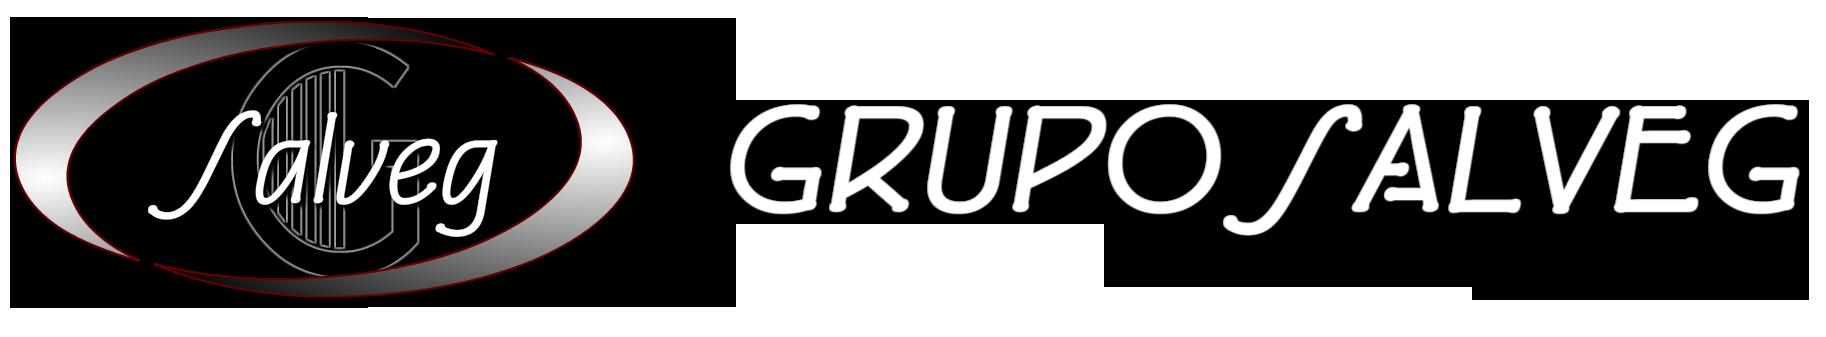 gruposalveg.com